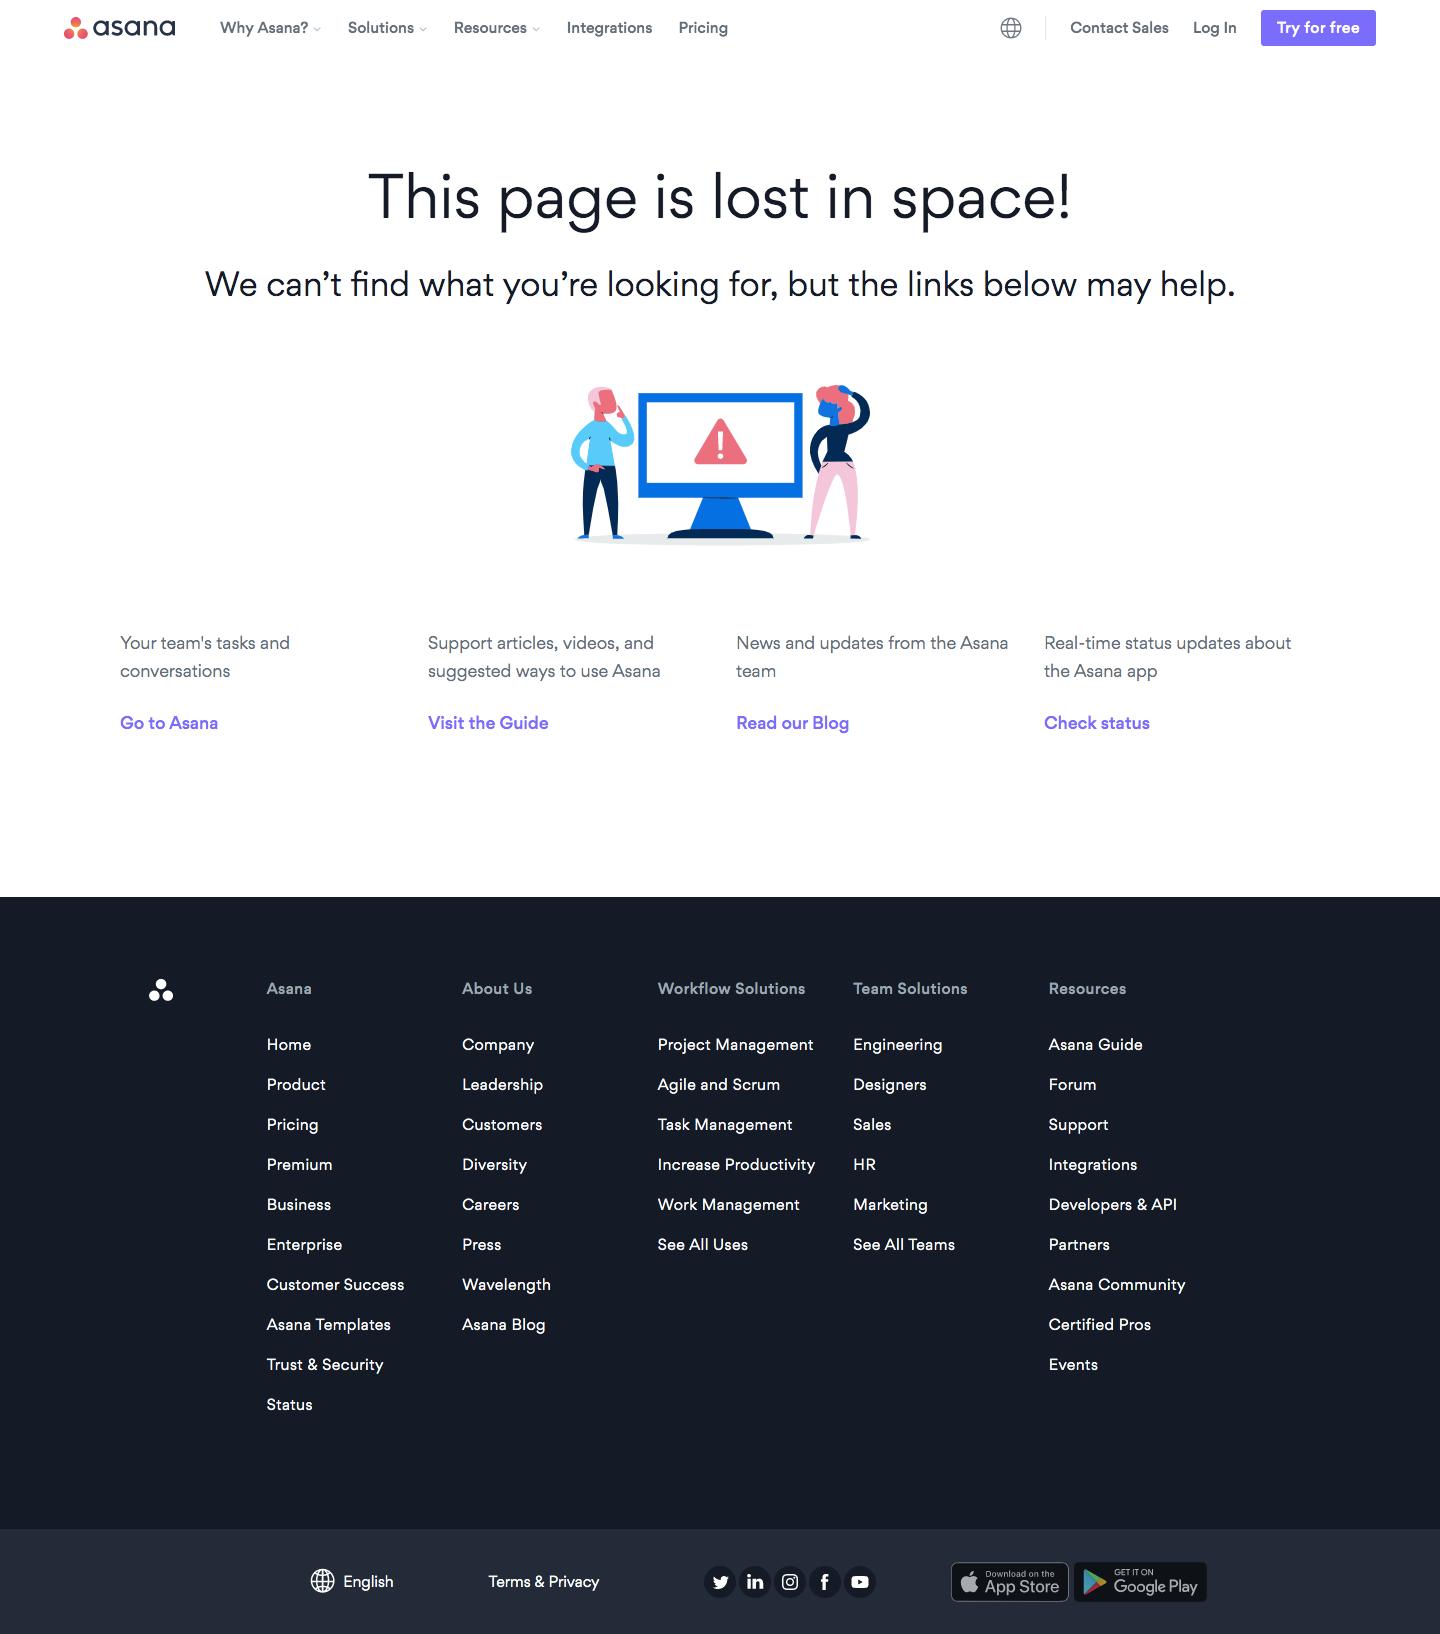 Asana 404 Page